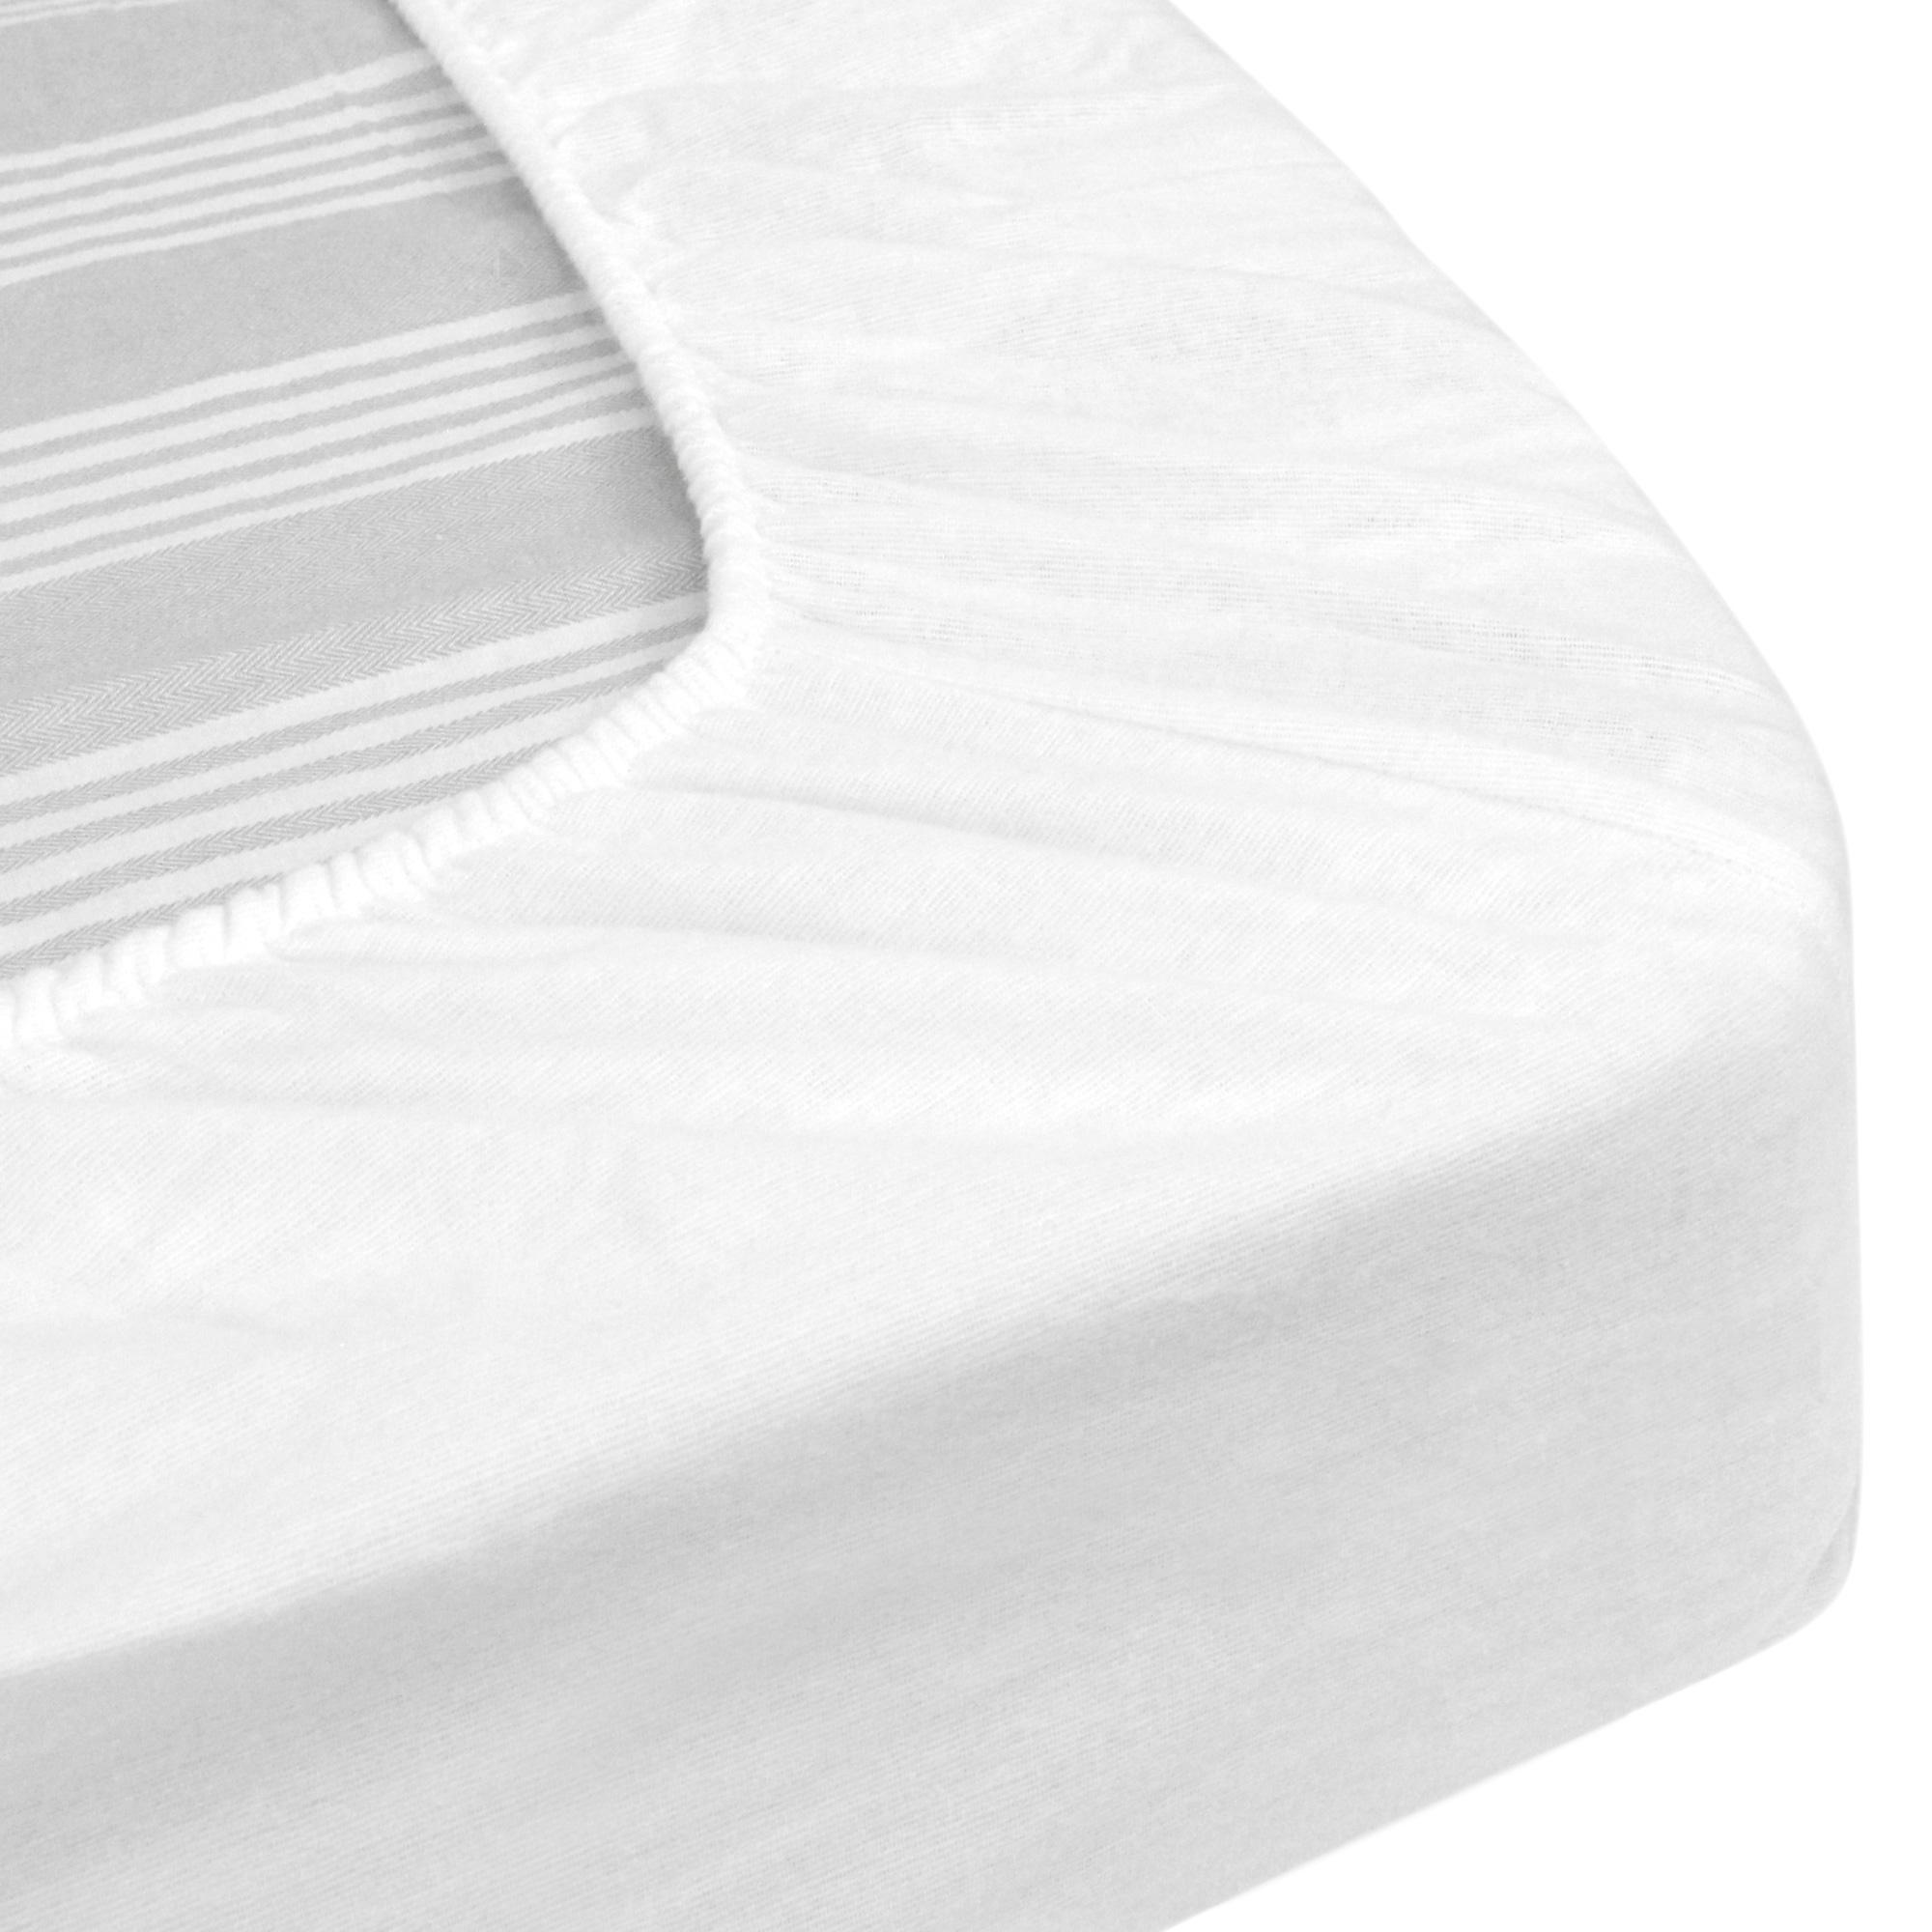 prot ge matelas imperm able 2x100x220 cm lit articul tr bonnet 23cm arnon molleton 100 coton. Black Bedroom Furniture Sets. Home Design Ideas